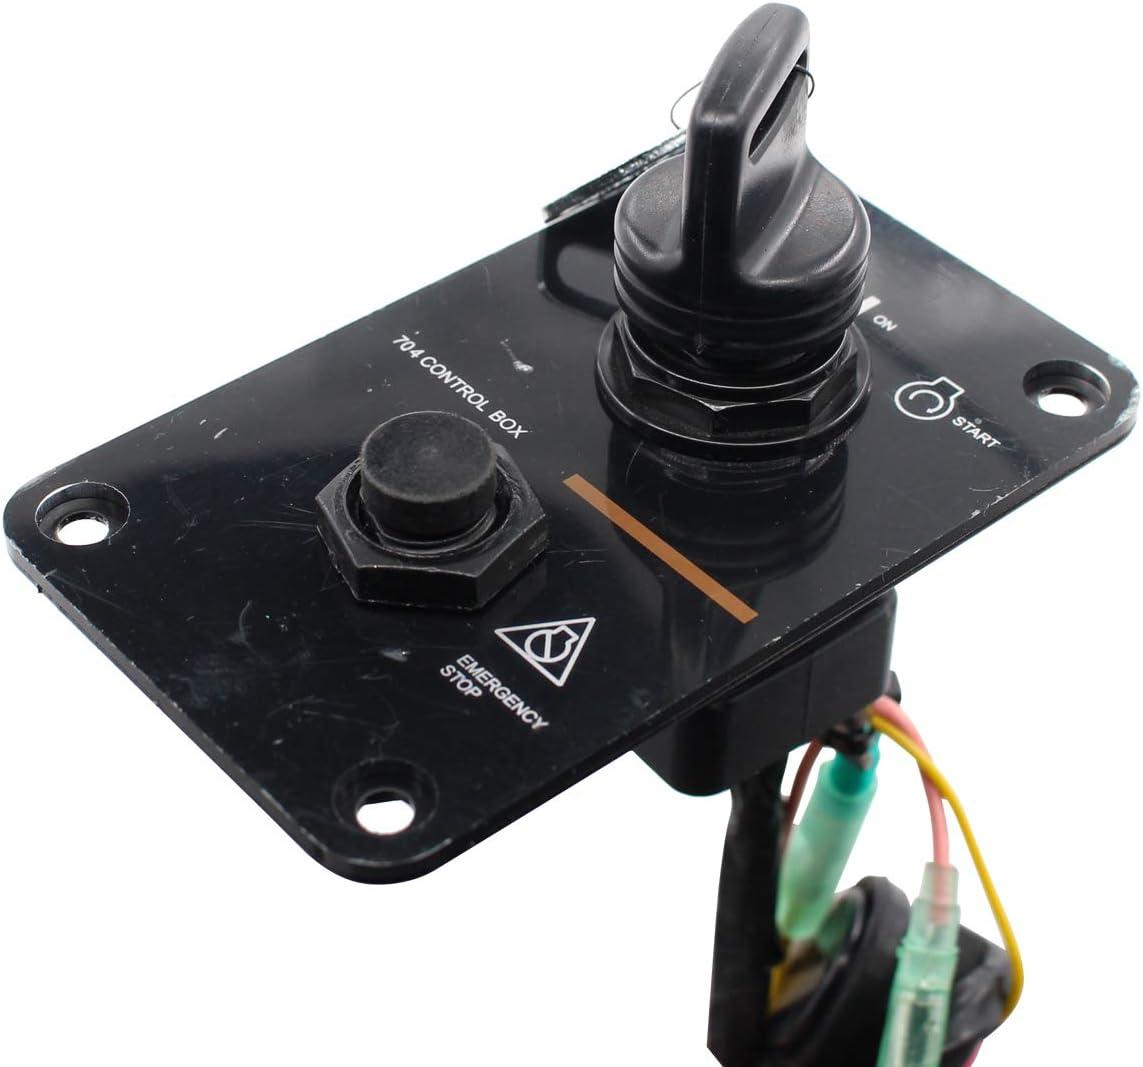 XtremeAmazing 12V Single Engine Key Switch Panel Assembly for Yamaha Outboard Yacht 704-82570-12-00 704-82570-11-00 704-82570-08-00